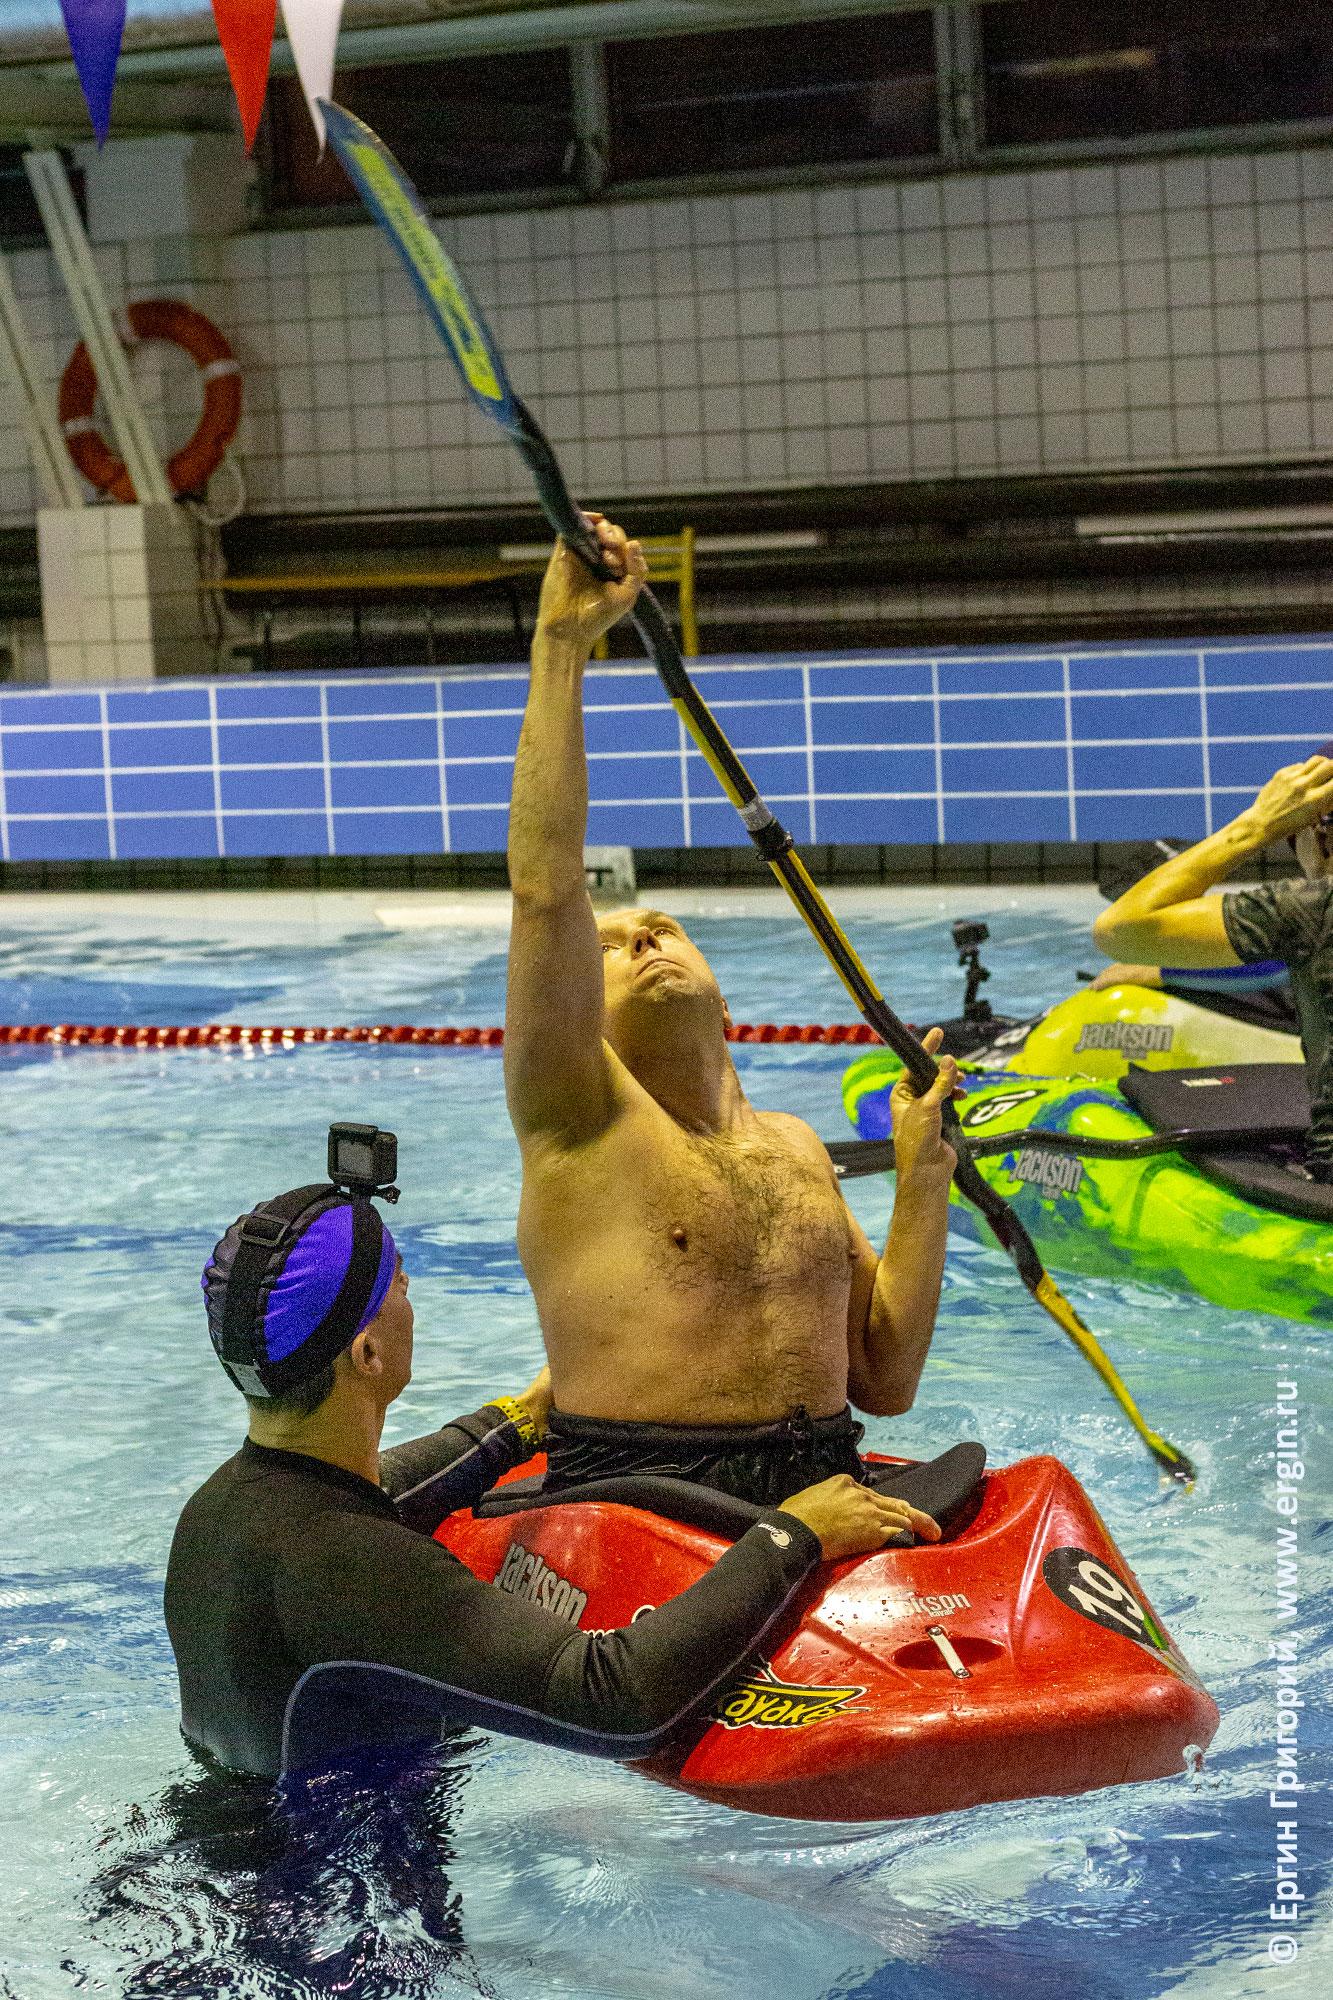 Изучение дуговой опоры с веслом для эскимосского переворота прямым винтом